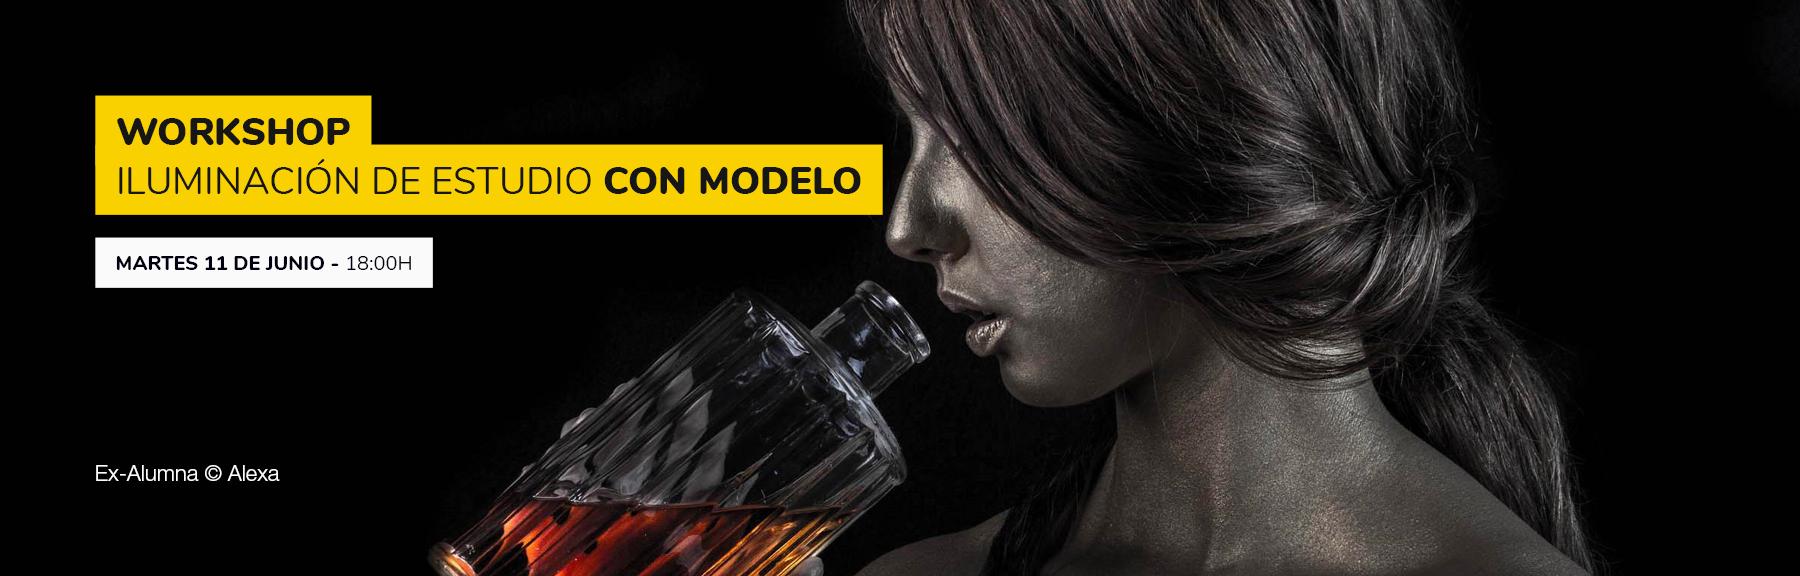 Foto-con-modelo